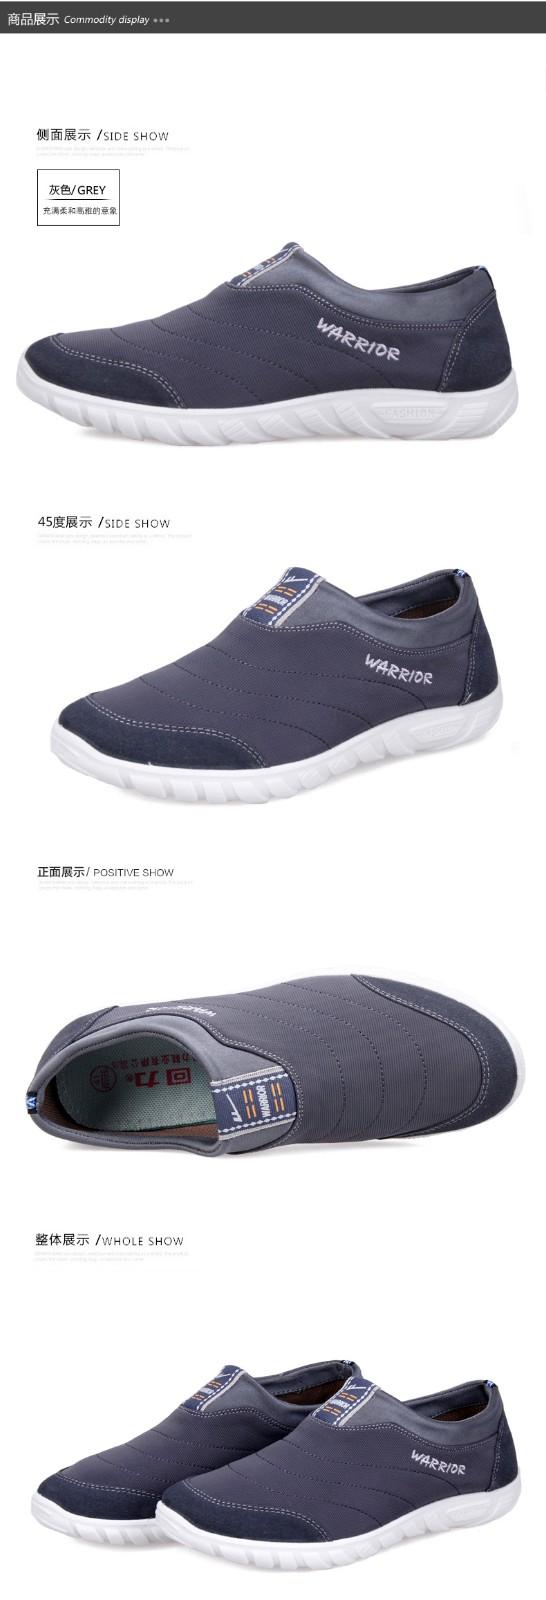 回力男鞋帆布鞋子一脚蹬懒人鞋男士潮流韩版布鞋透气鞋图片九